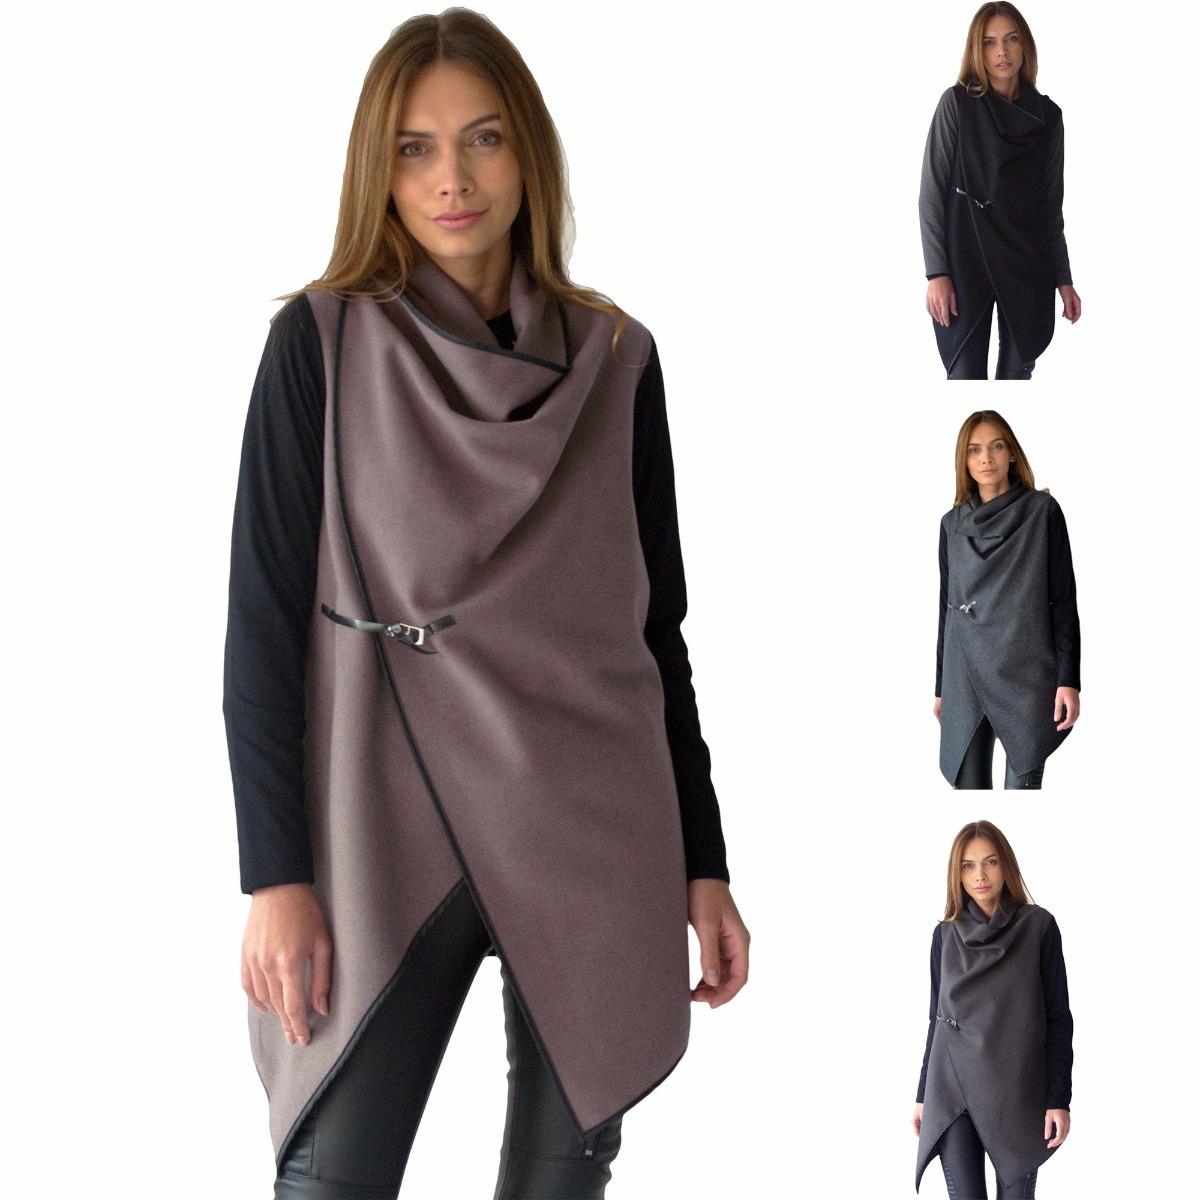 ffaec45e72c abrigo mujer formal casual saco gabardina ligero rack   pack. Cargando zoom.